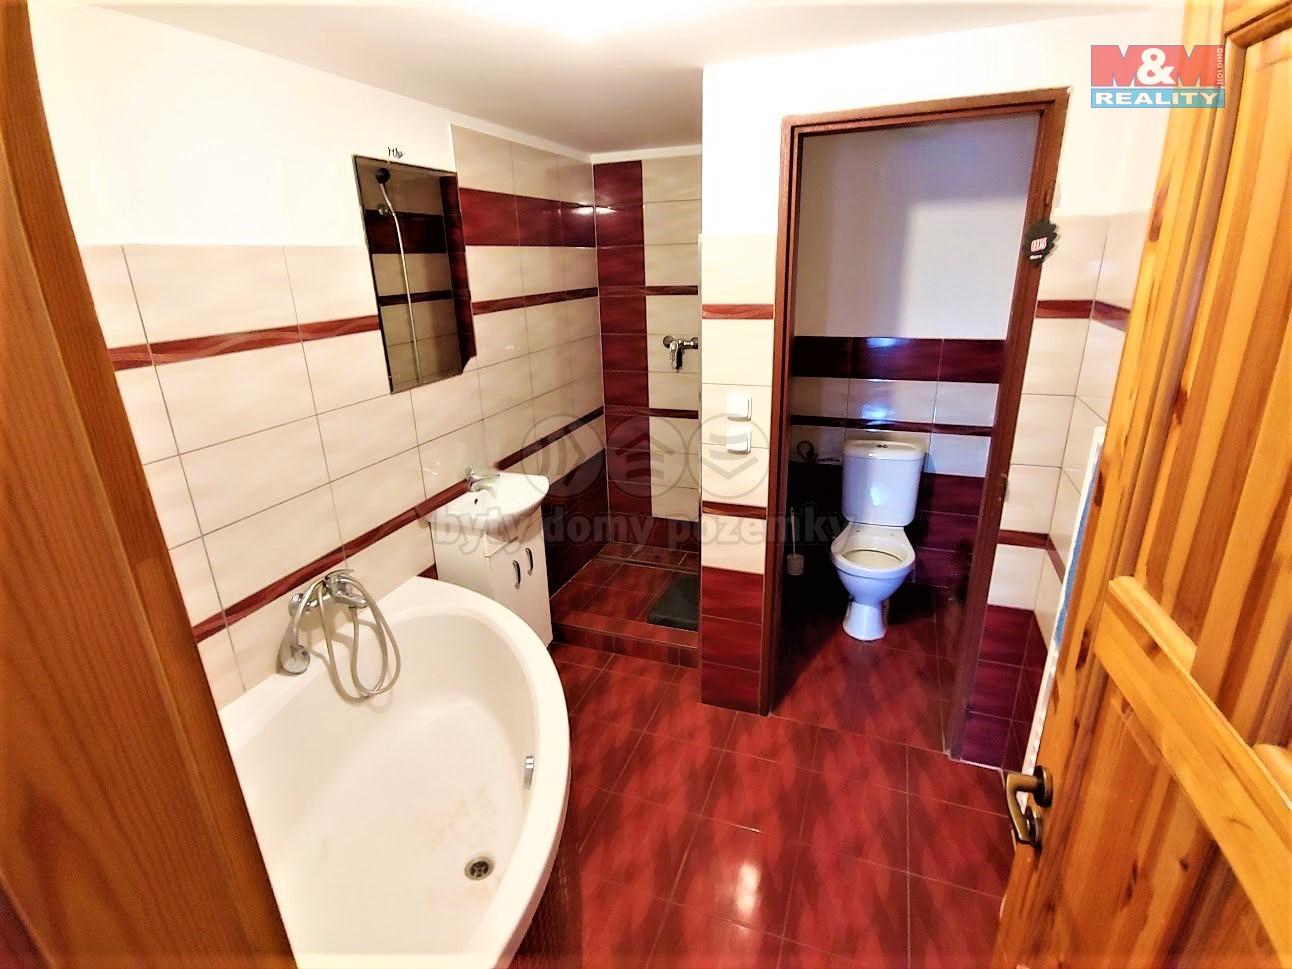 Prodej, rodinný dům, 290 m2, Brno, ul. Fryčajova